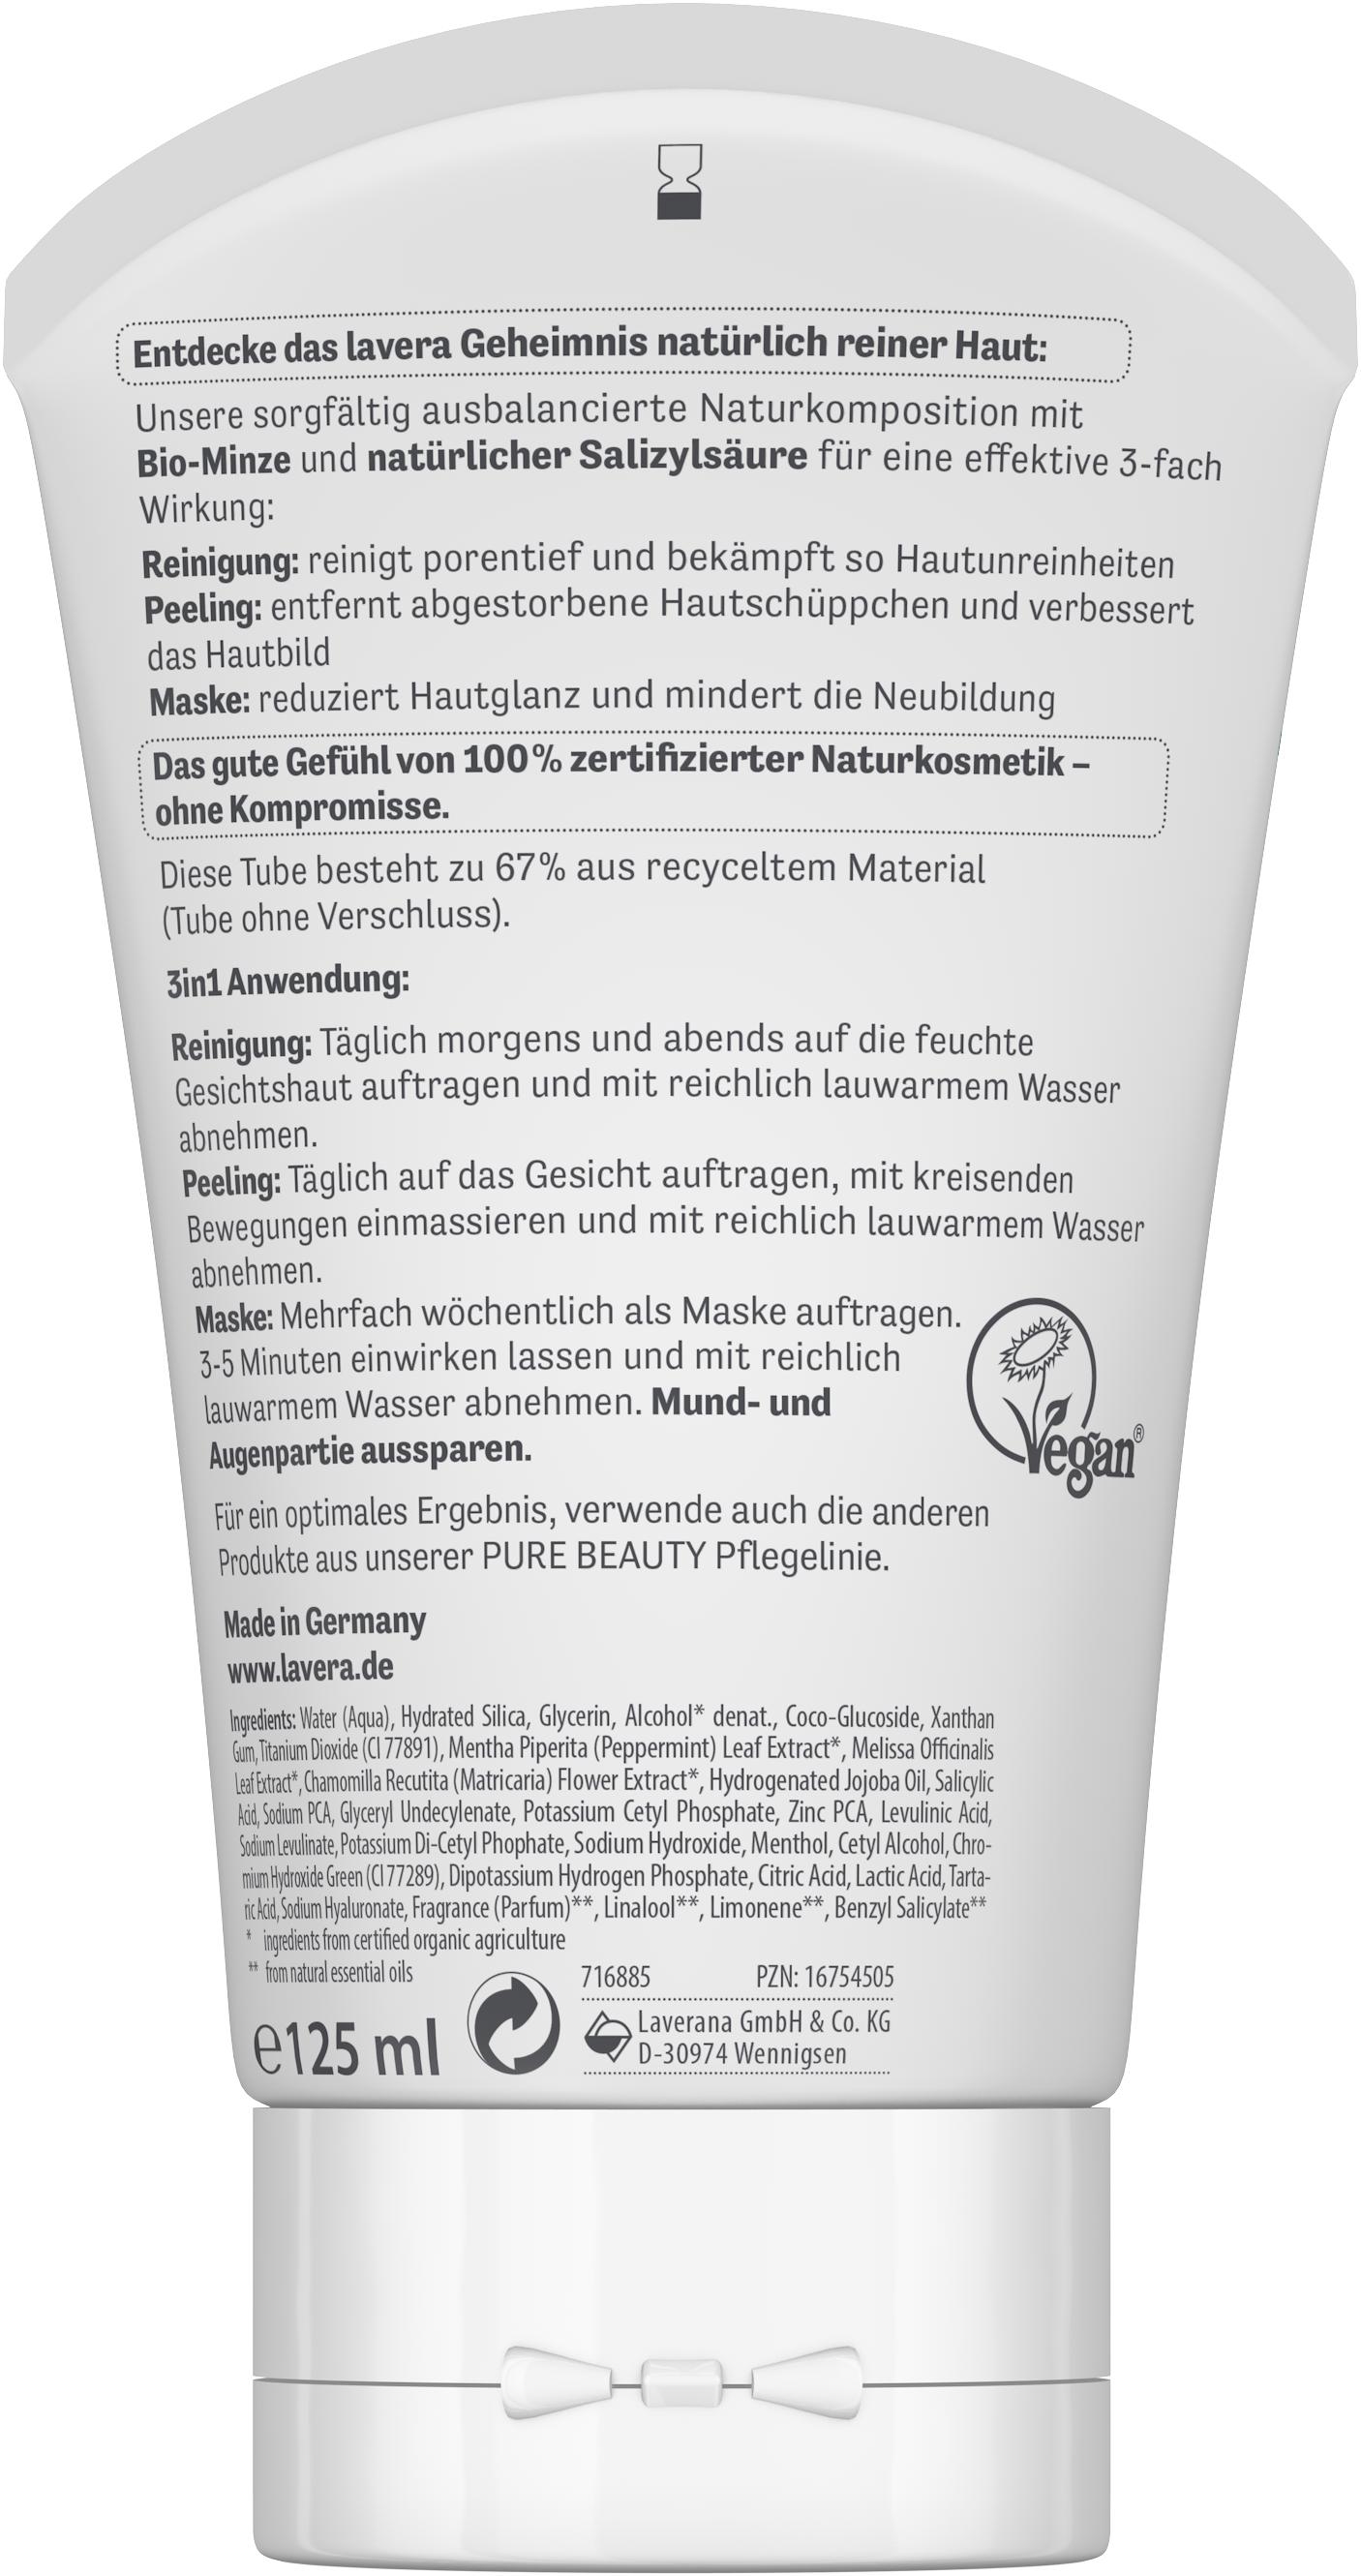 PURE BEAUTY 3in1 Reinigung Peeling Maske